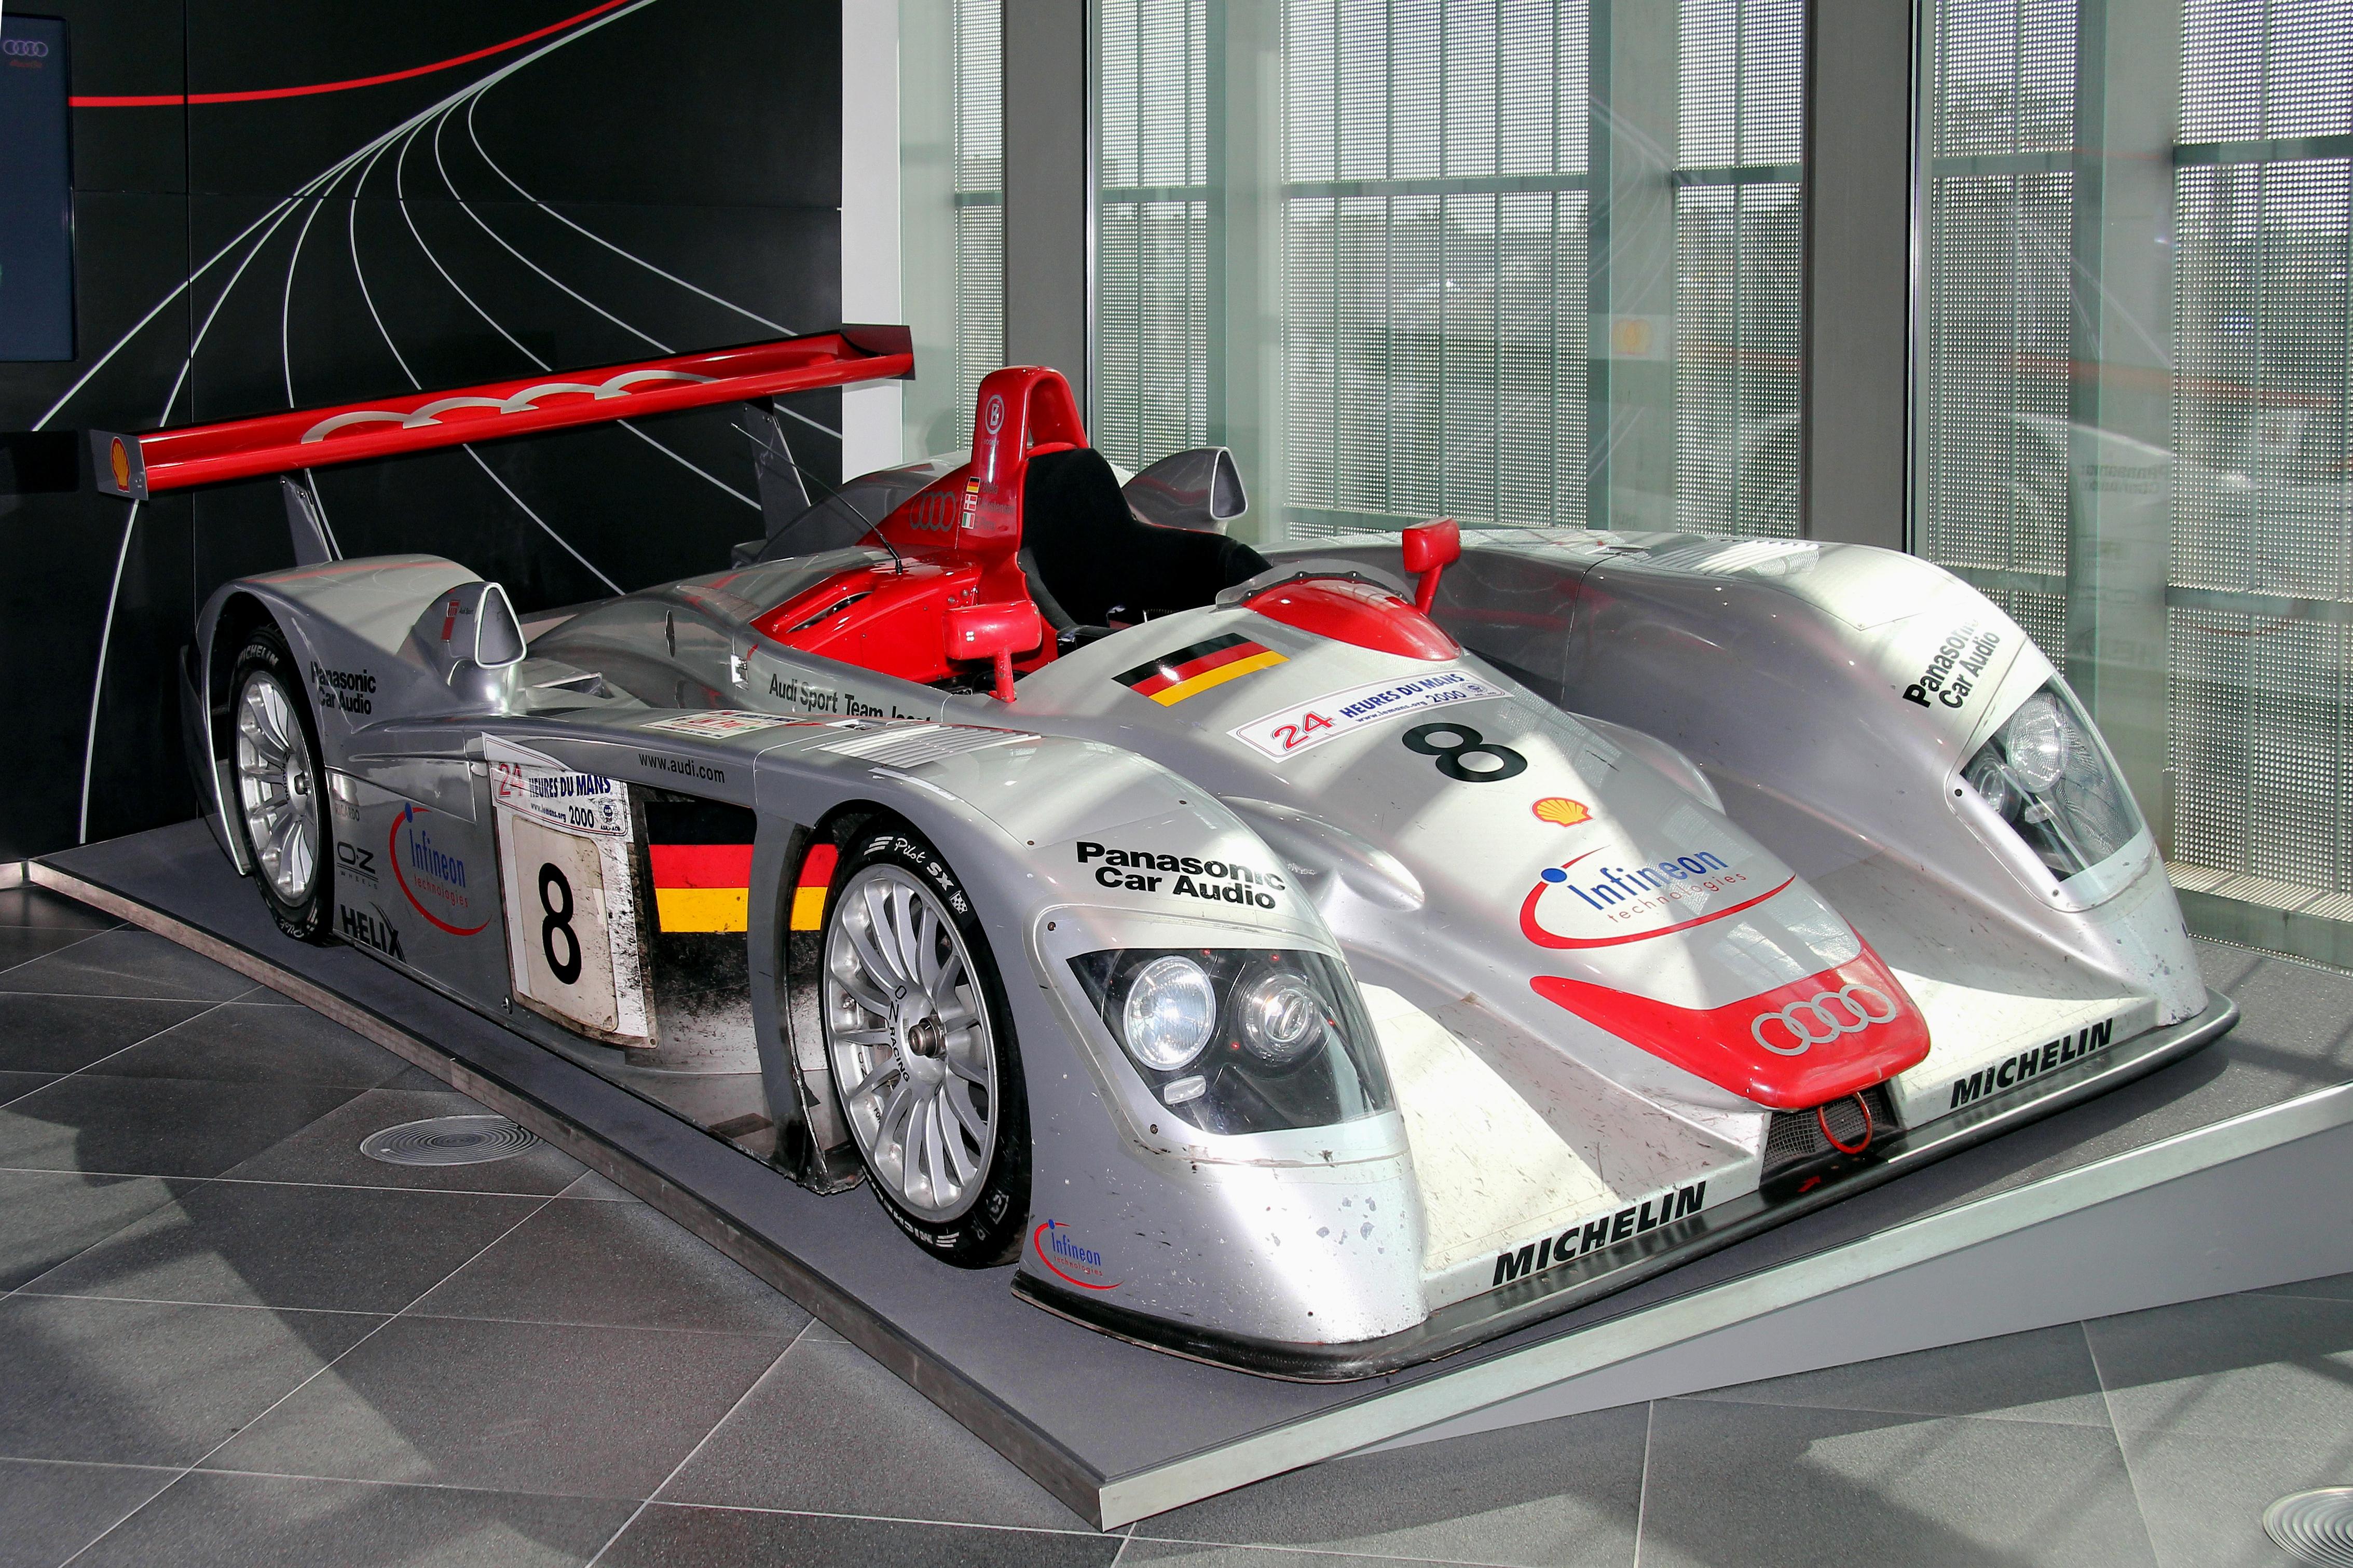 Audi_R8_LMP%2C_Le_Mans_2000_%28museum_mobile_2013-09-03%29.JPG